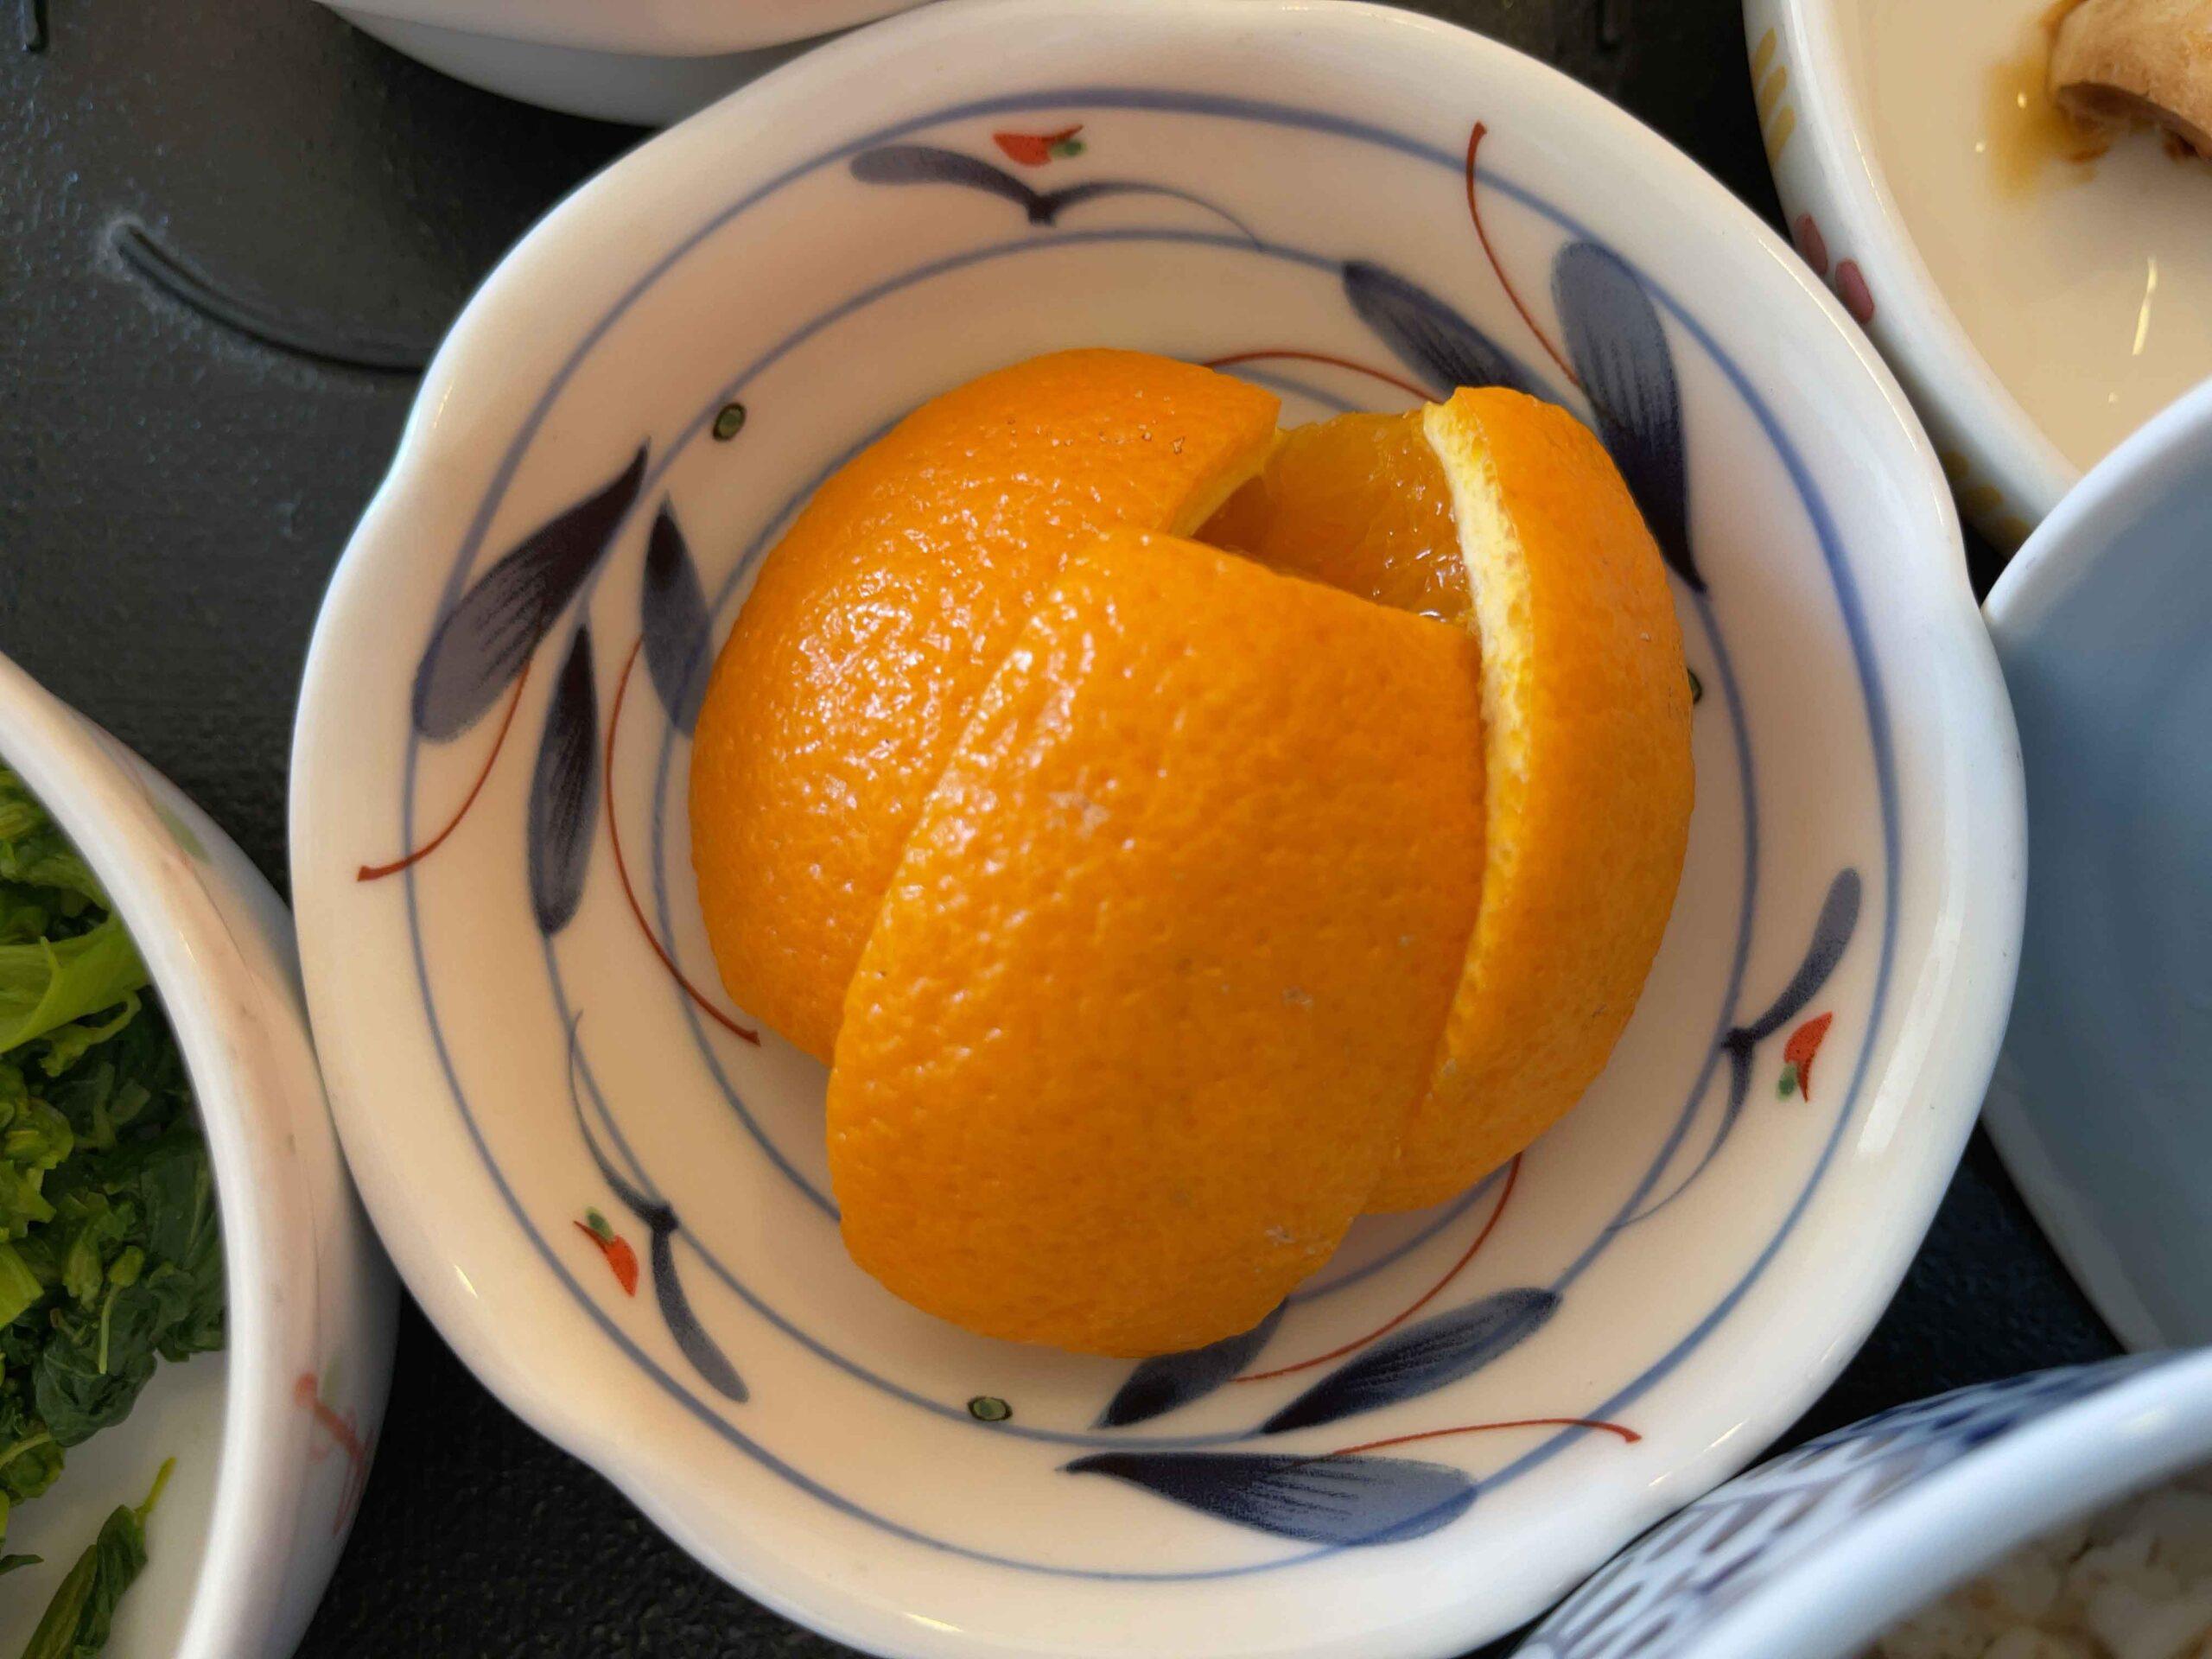 2021年3月3日 昼食 オレンジ